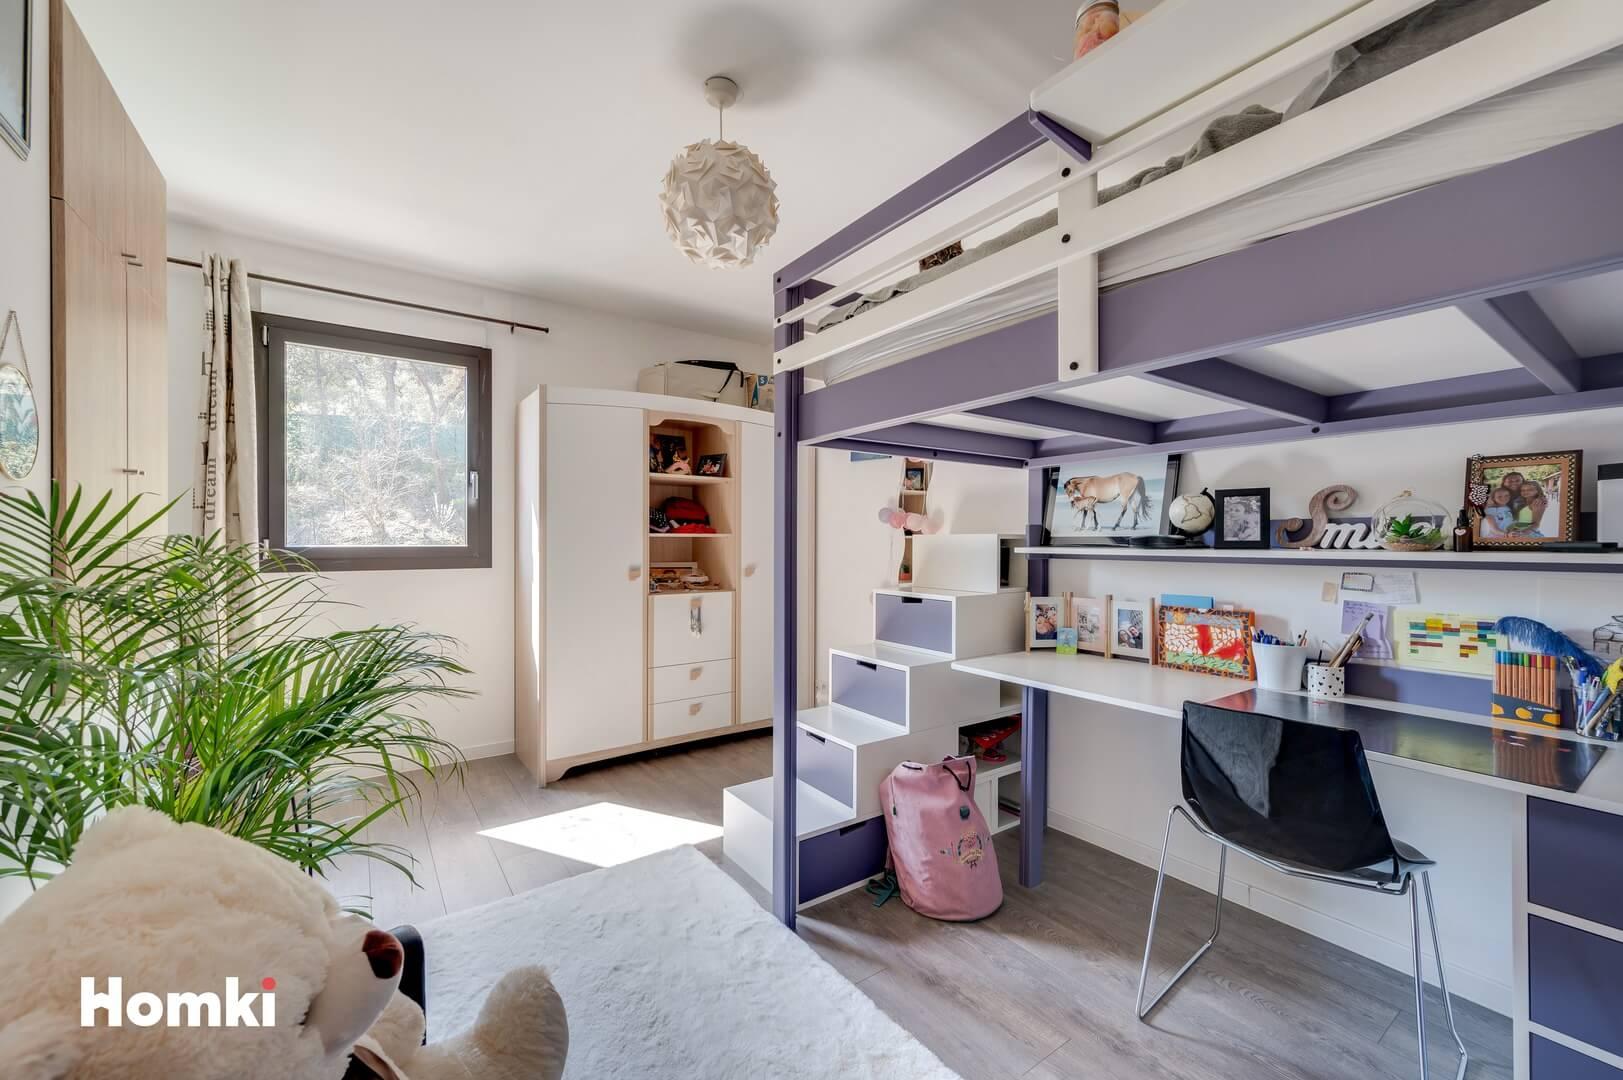 Homki - Vente Maison/villa  de 105.0 m² à Biot 06410